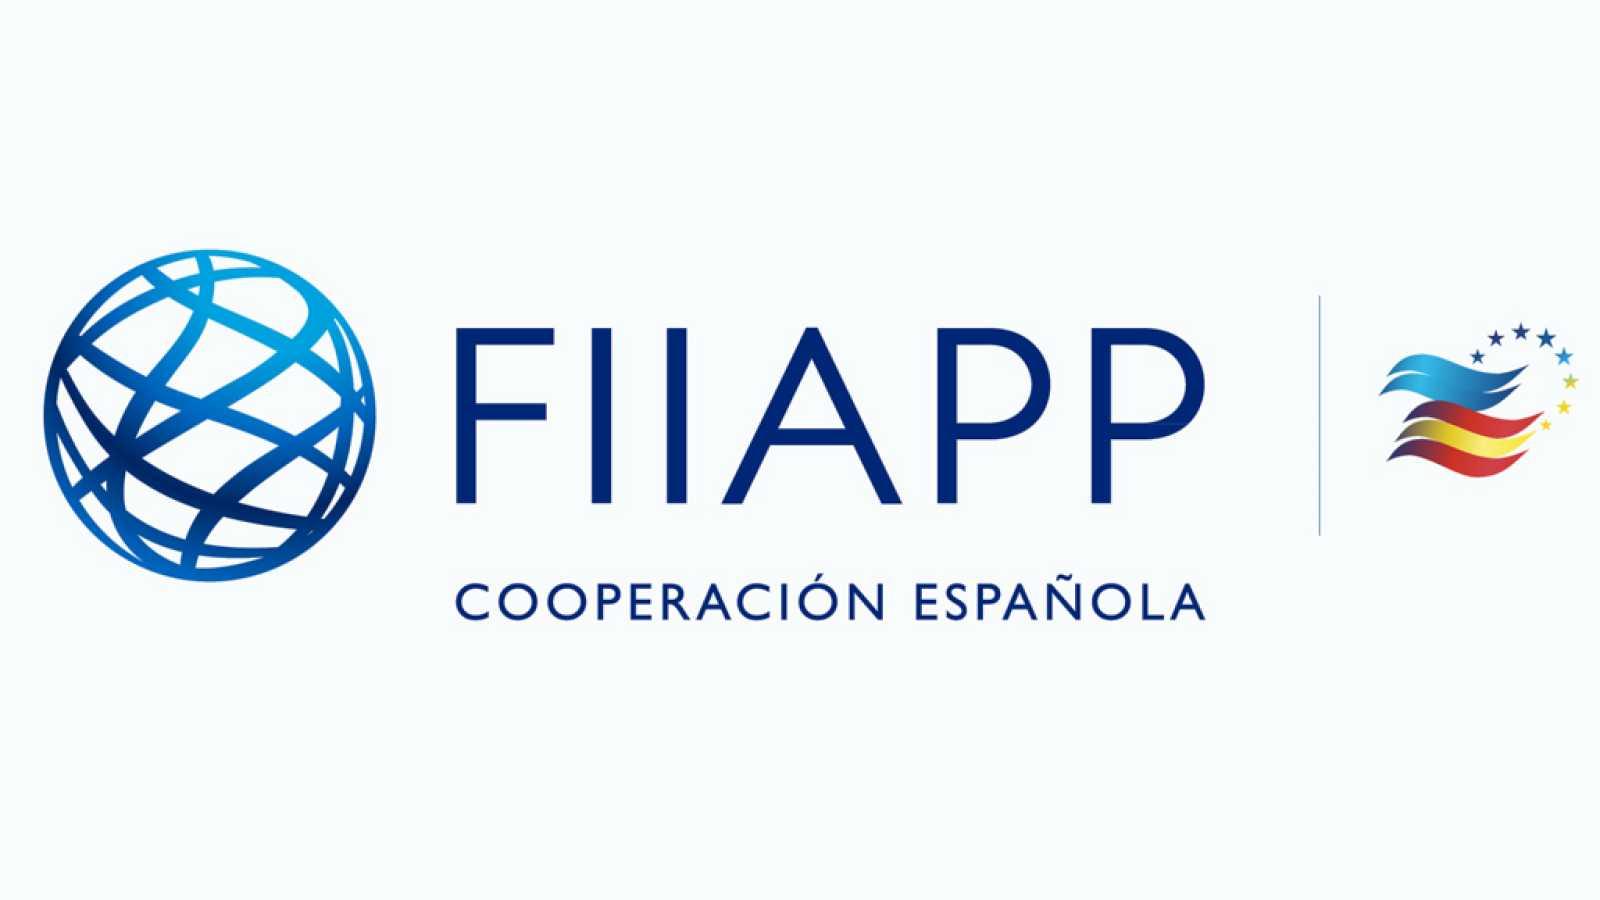 Cooperación pública en el mundo (FIIAPP) - Finaliza la cuarta fase de Seacop - 30/12/20 - Escuchar ahora